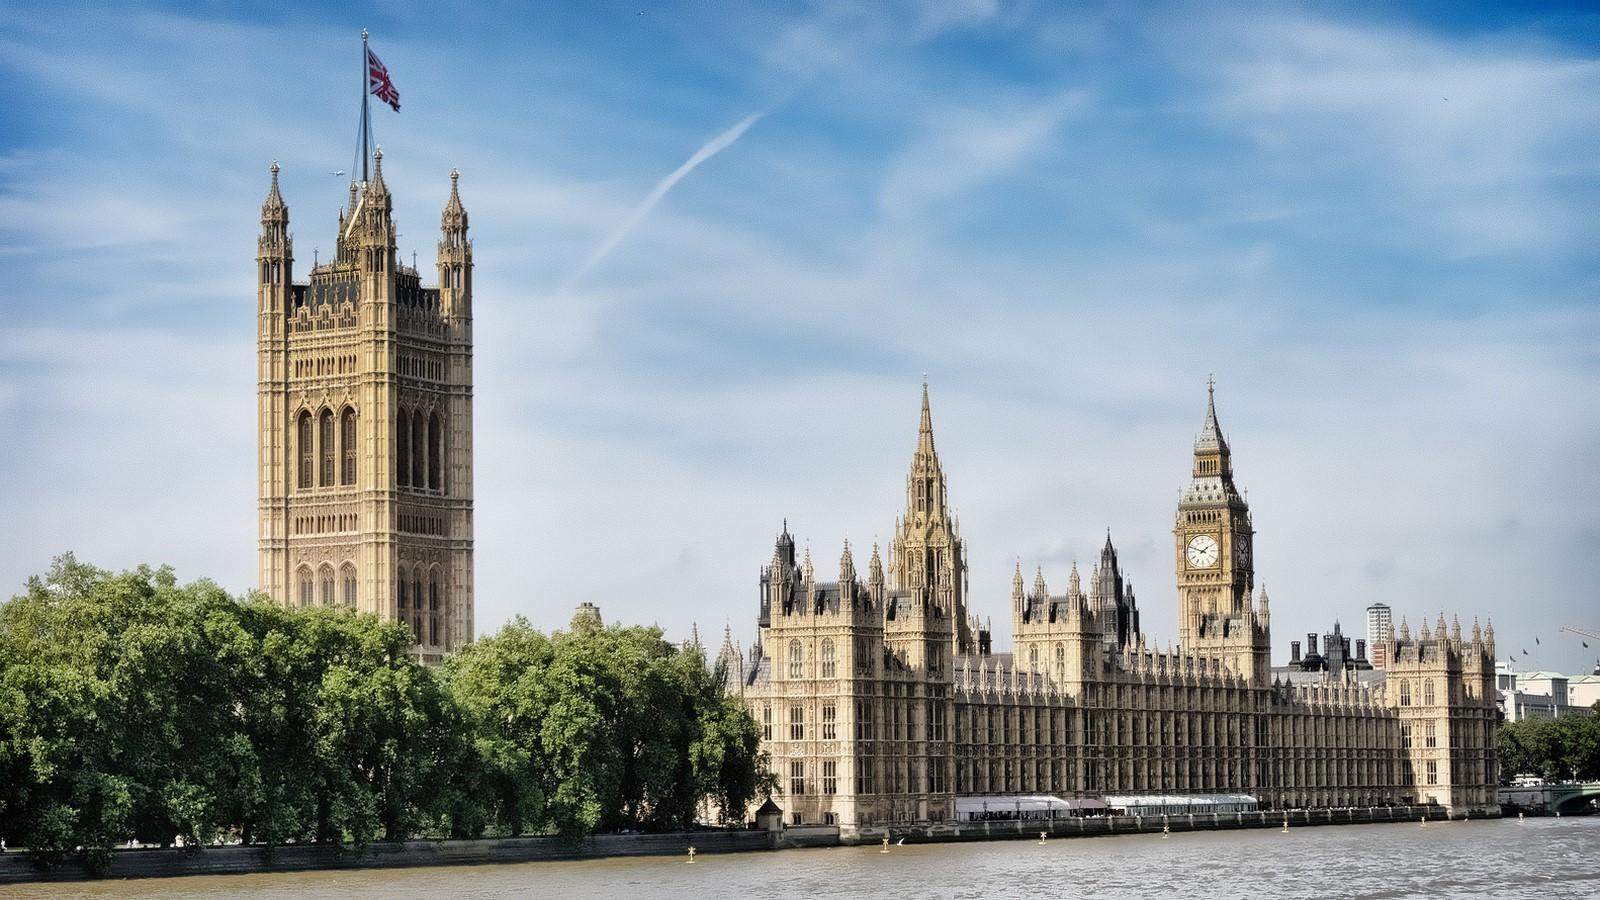 Palace of Westminster, UK - Sheet1